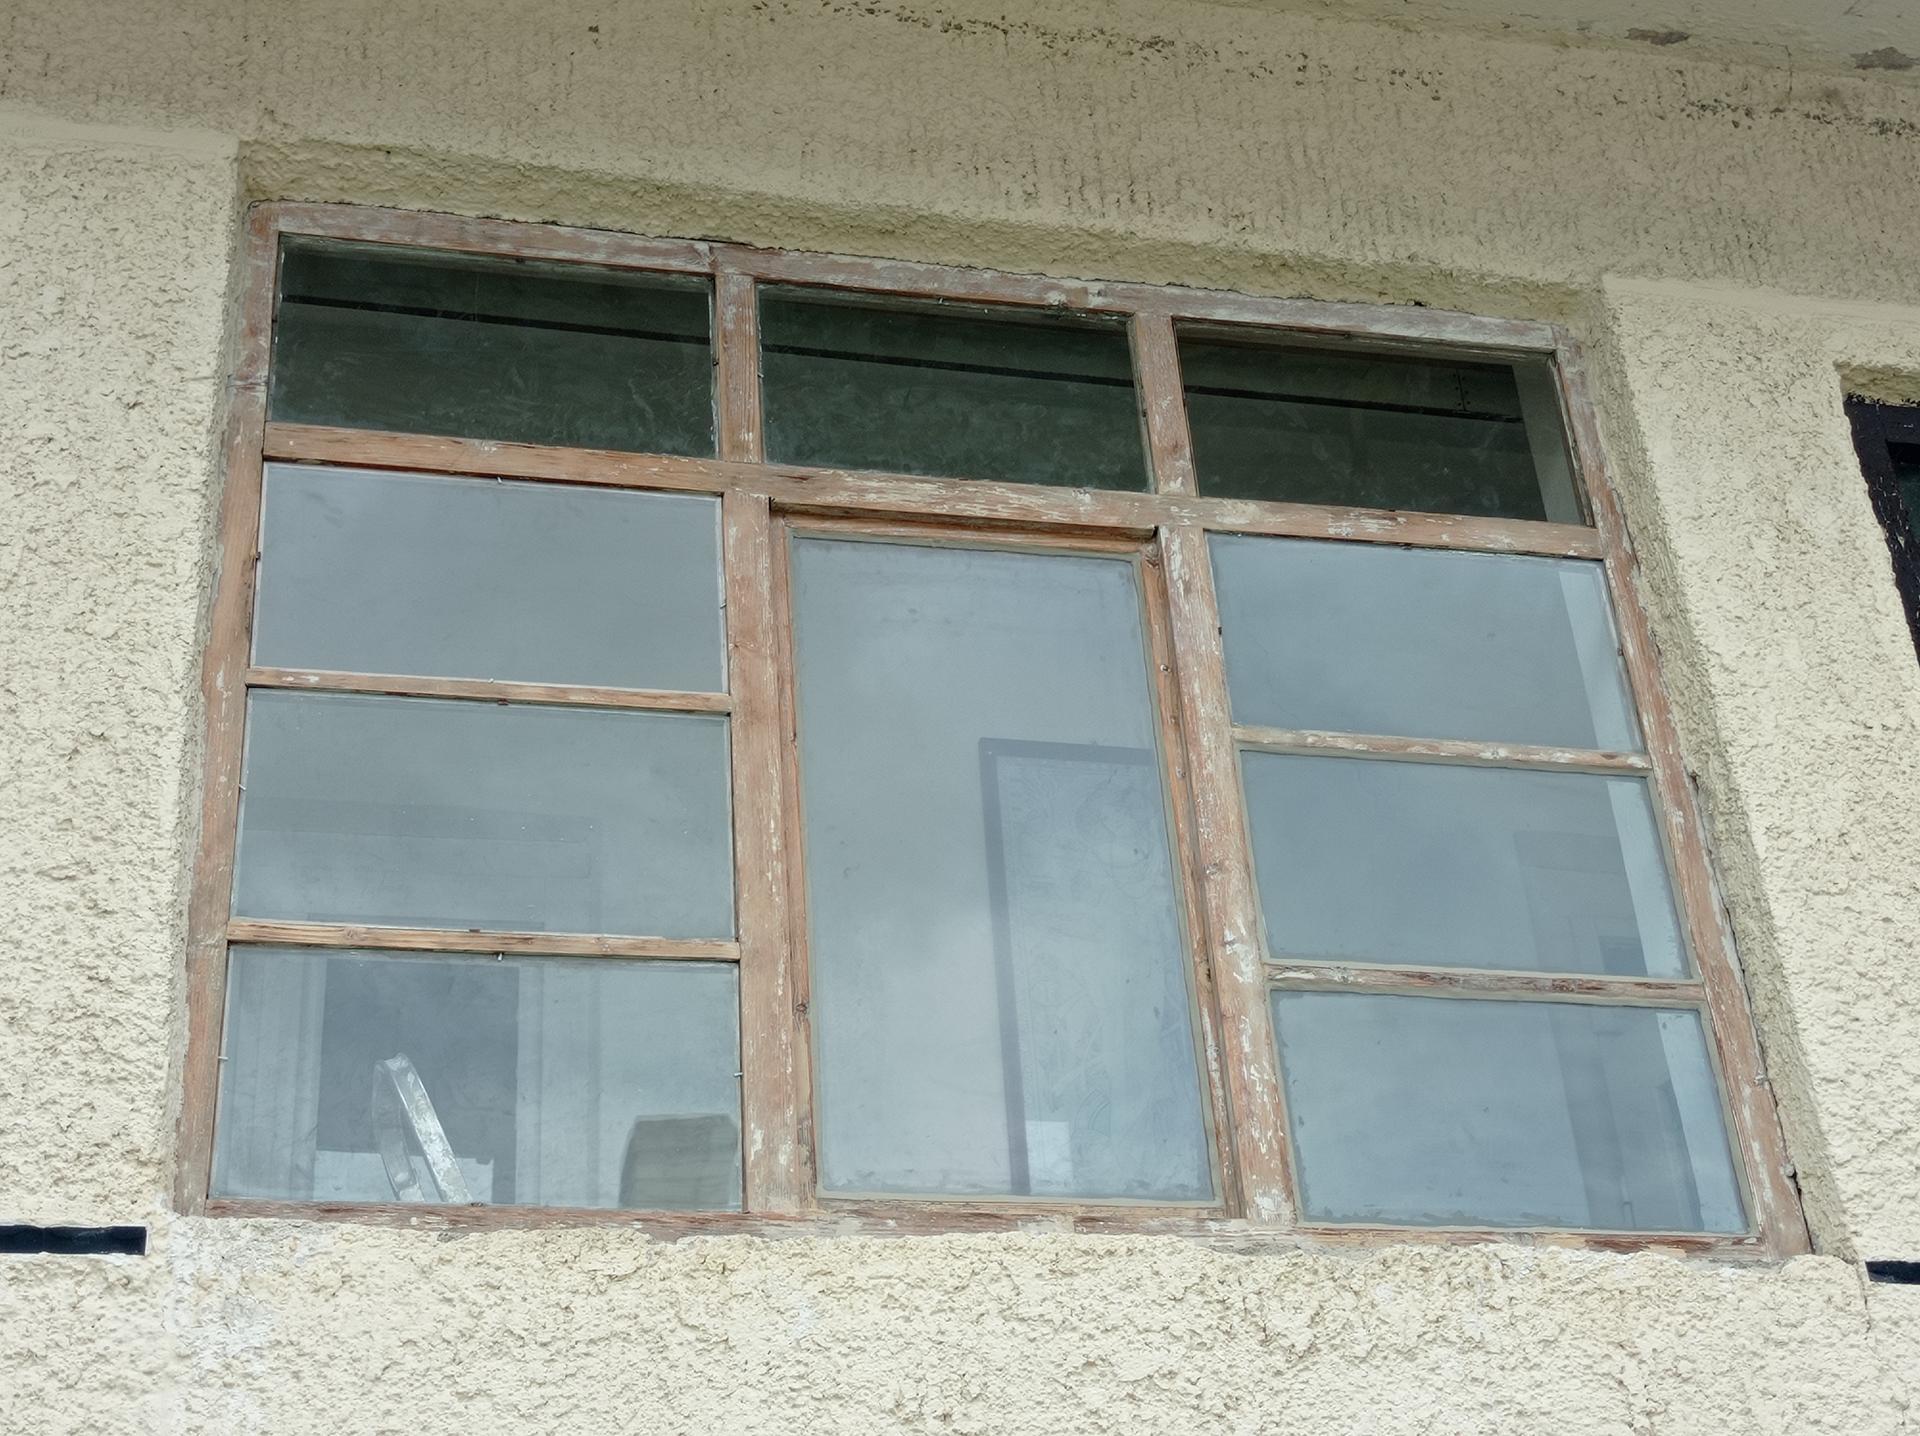 Na chalupe...začíname. - Ked sa tesite ze mate jedno okno konecne opalene a obrusene, vymene rozbite tabule a uz gitujete a potom si spomeniete ze este tri vas cakaju 🤦🙆🤣